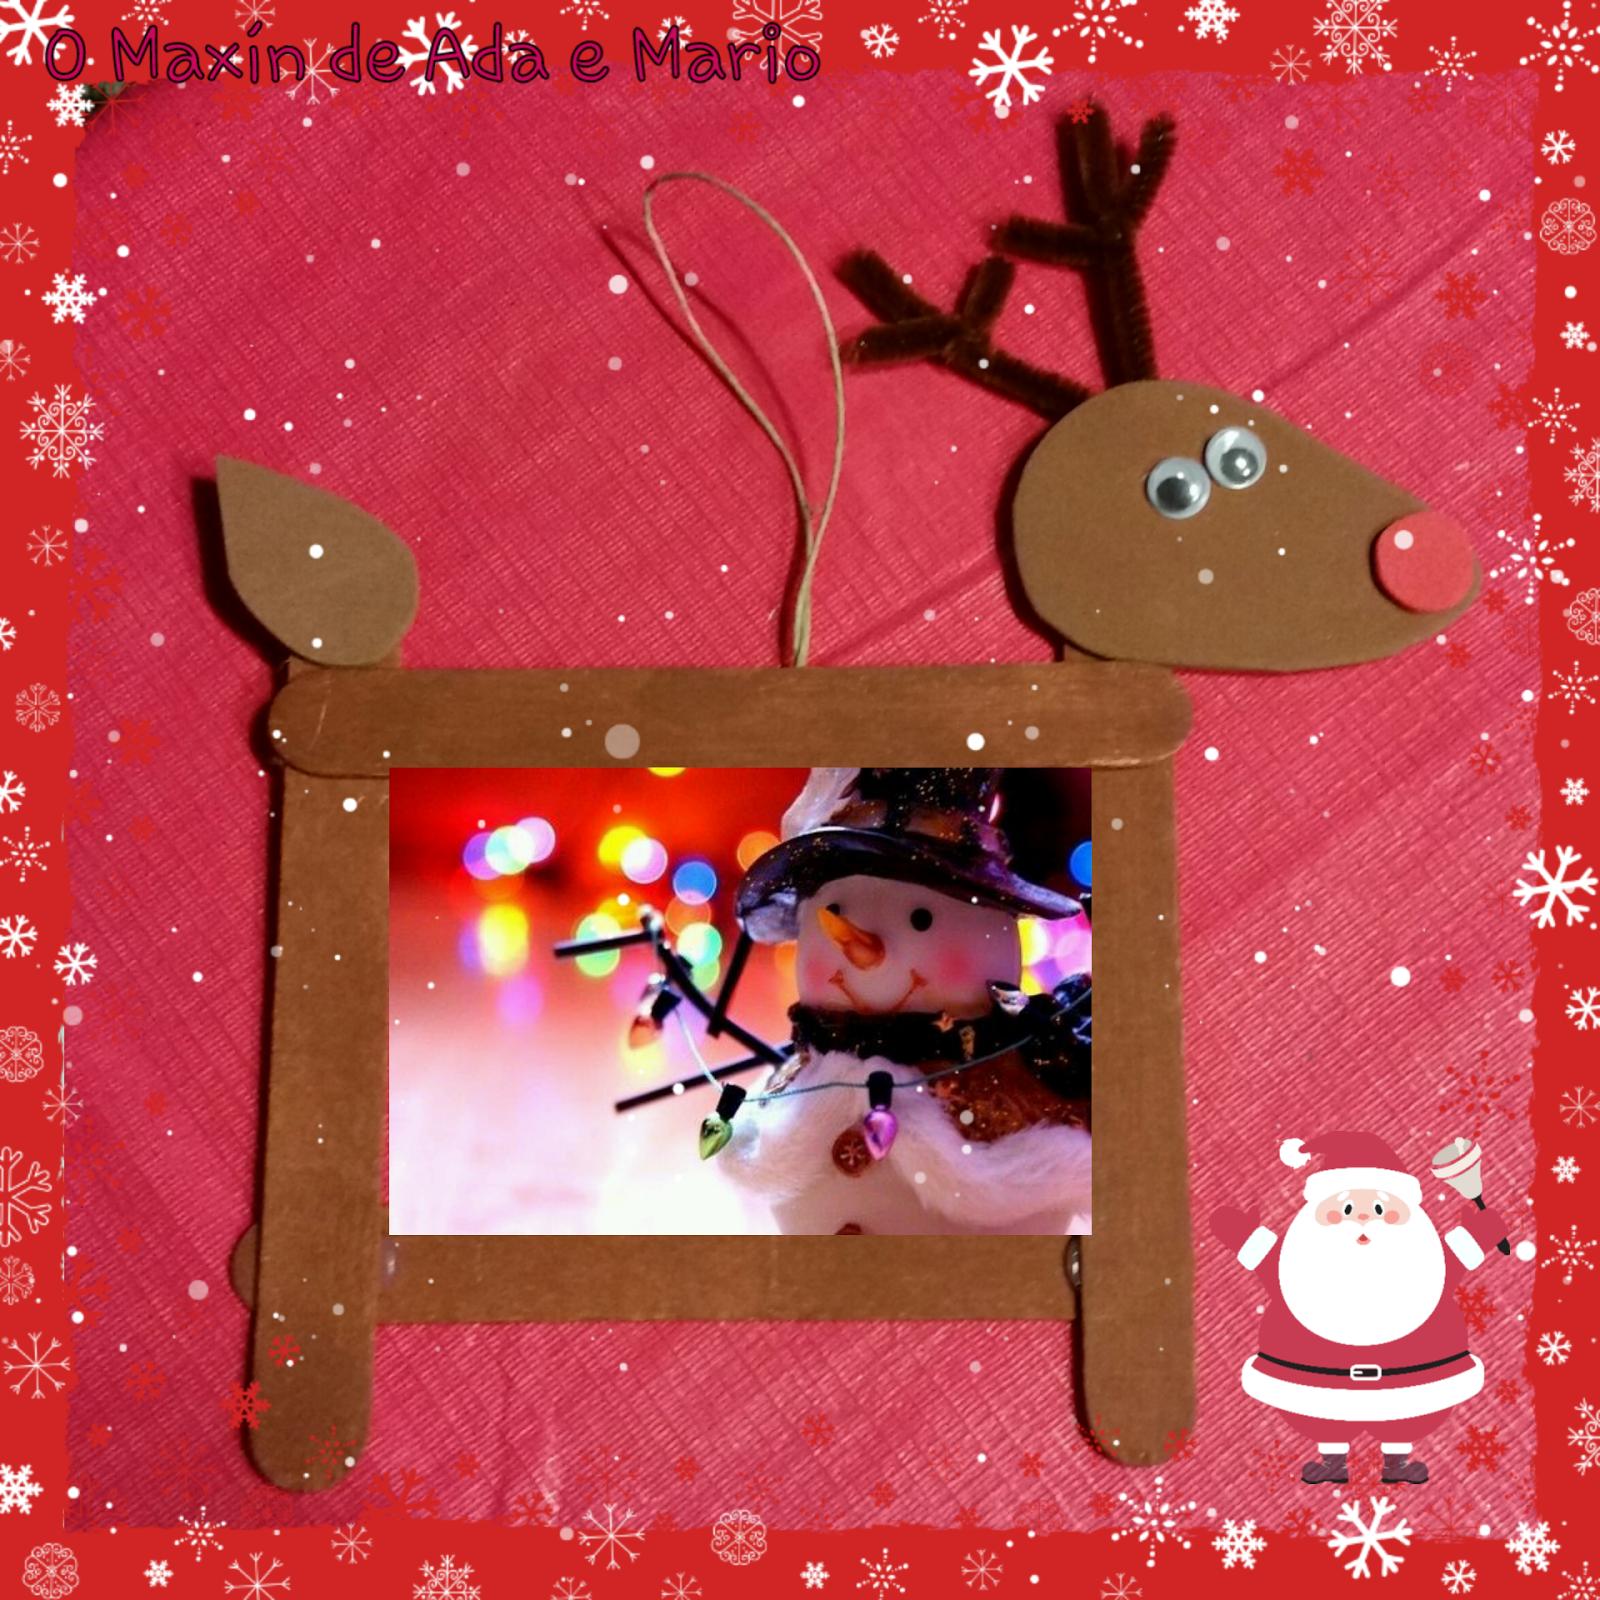 Como hacer un portafotos portafotos reno navide o for Manualidades navidenas para ninos